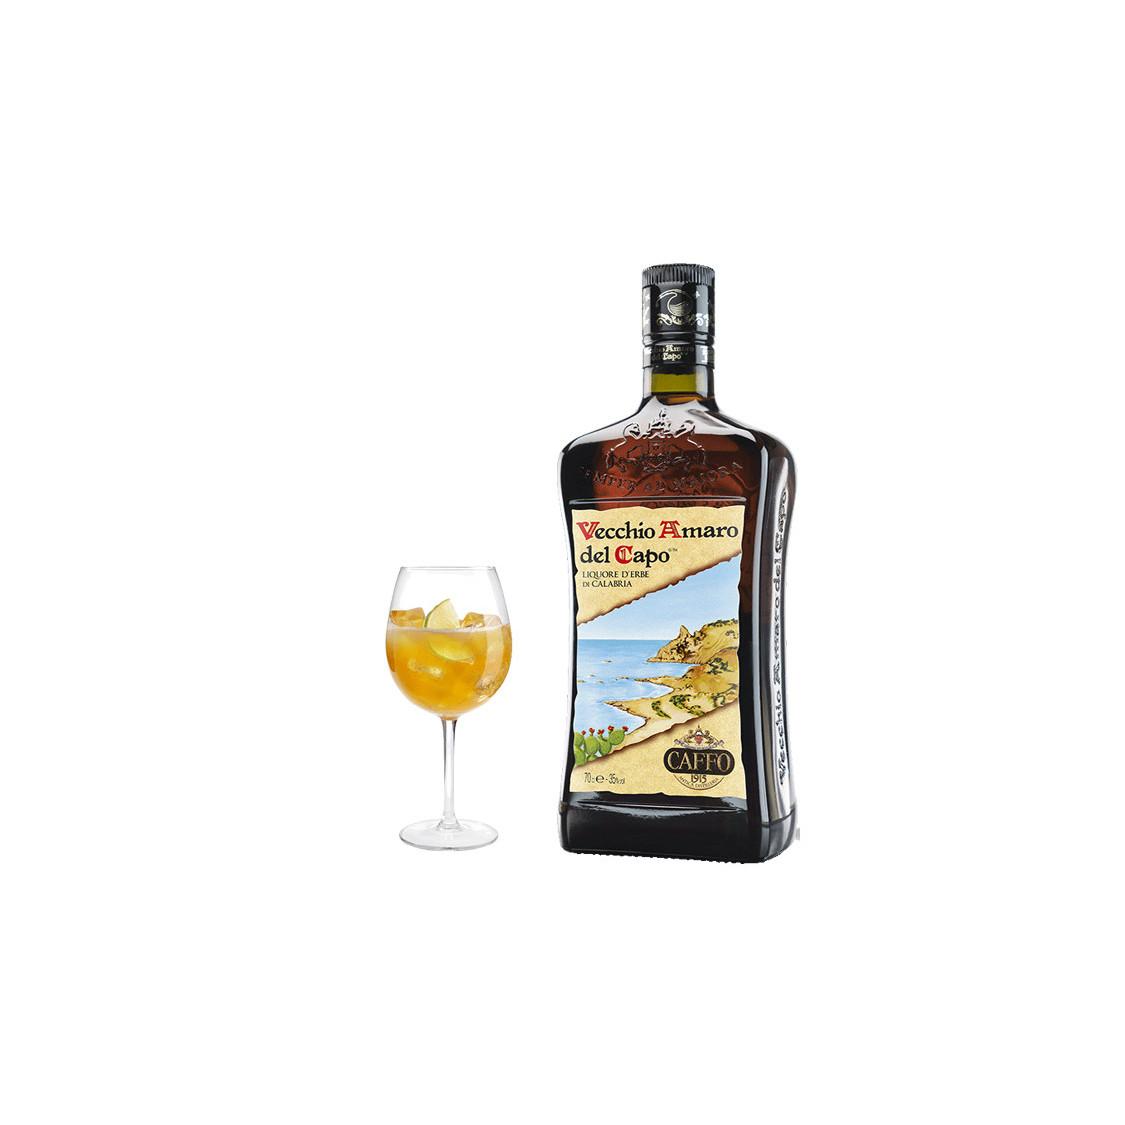 Vecchio Amaro del Capo - 70 cl